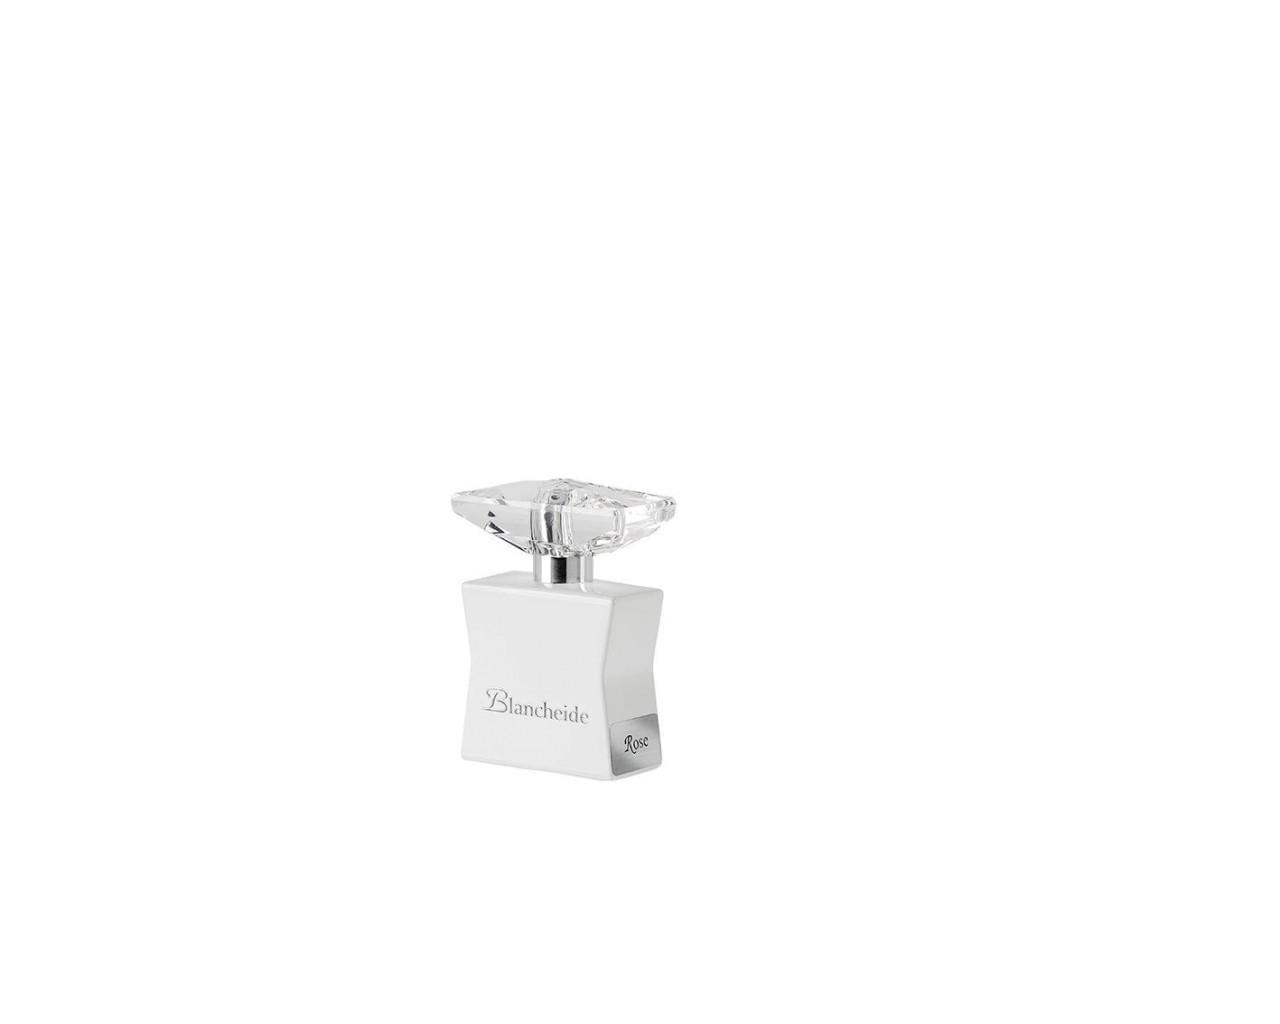 ROSE BLANCHEIDE EDP 30 ML Blancheide BLAV30RO-01